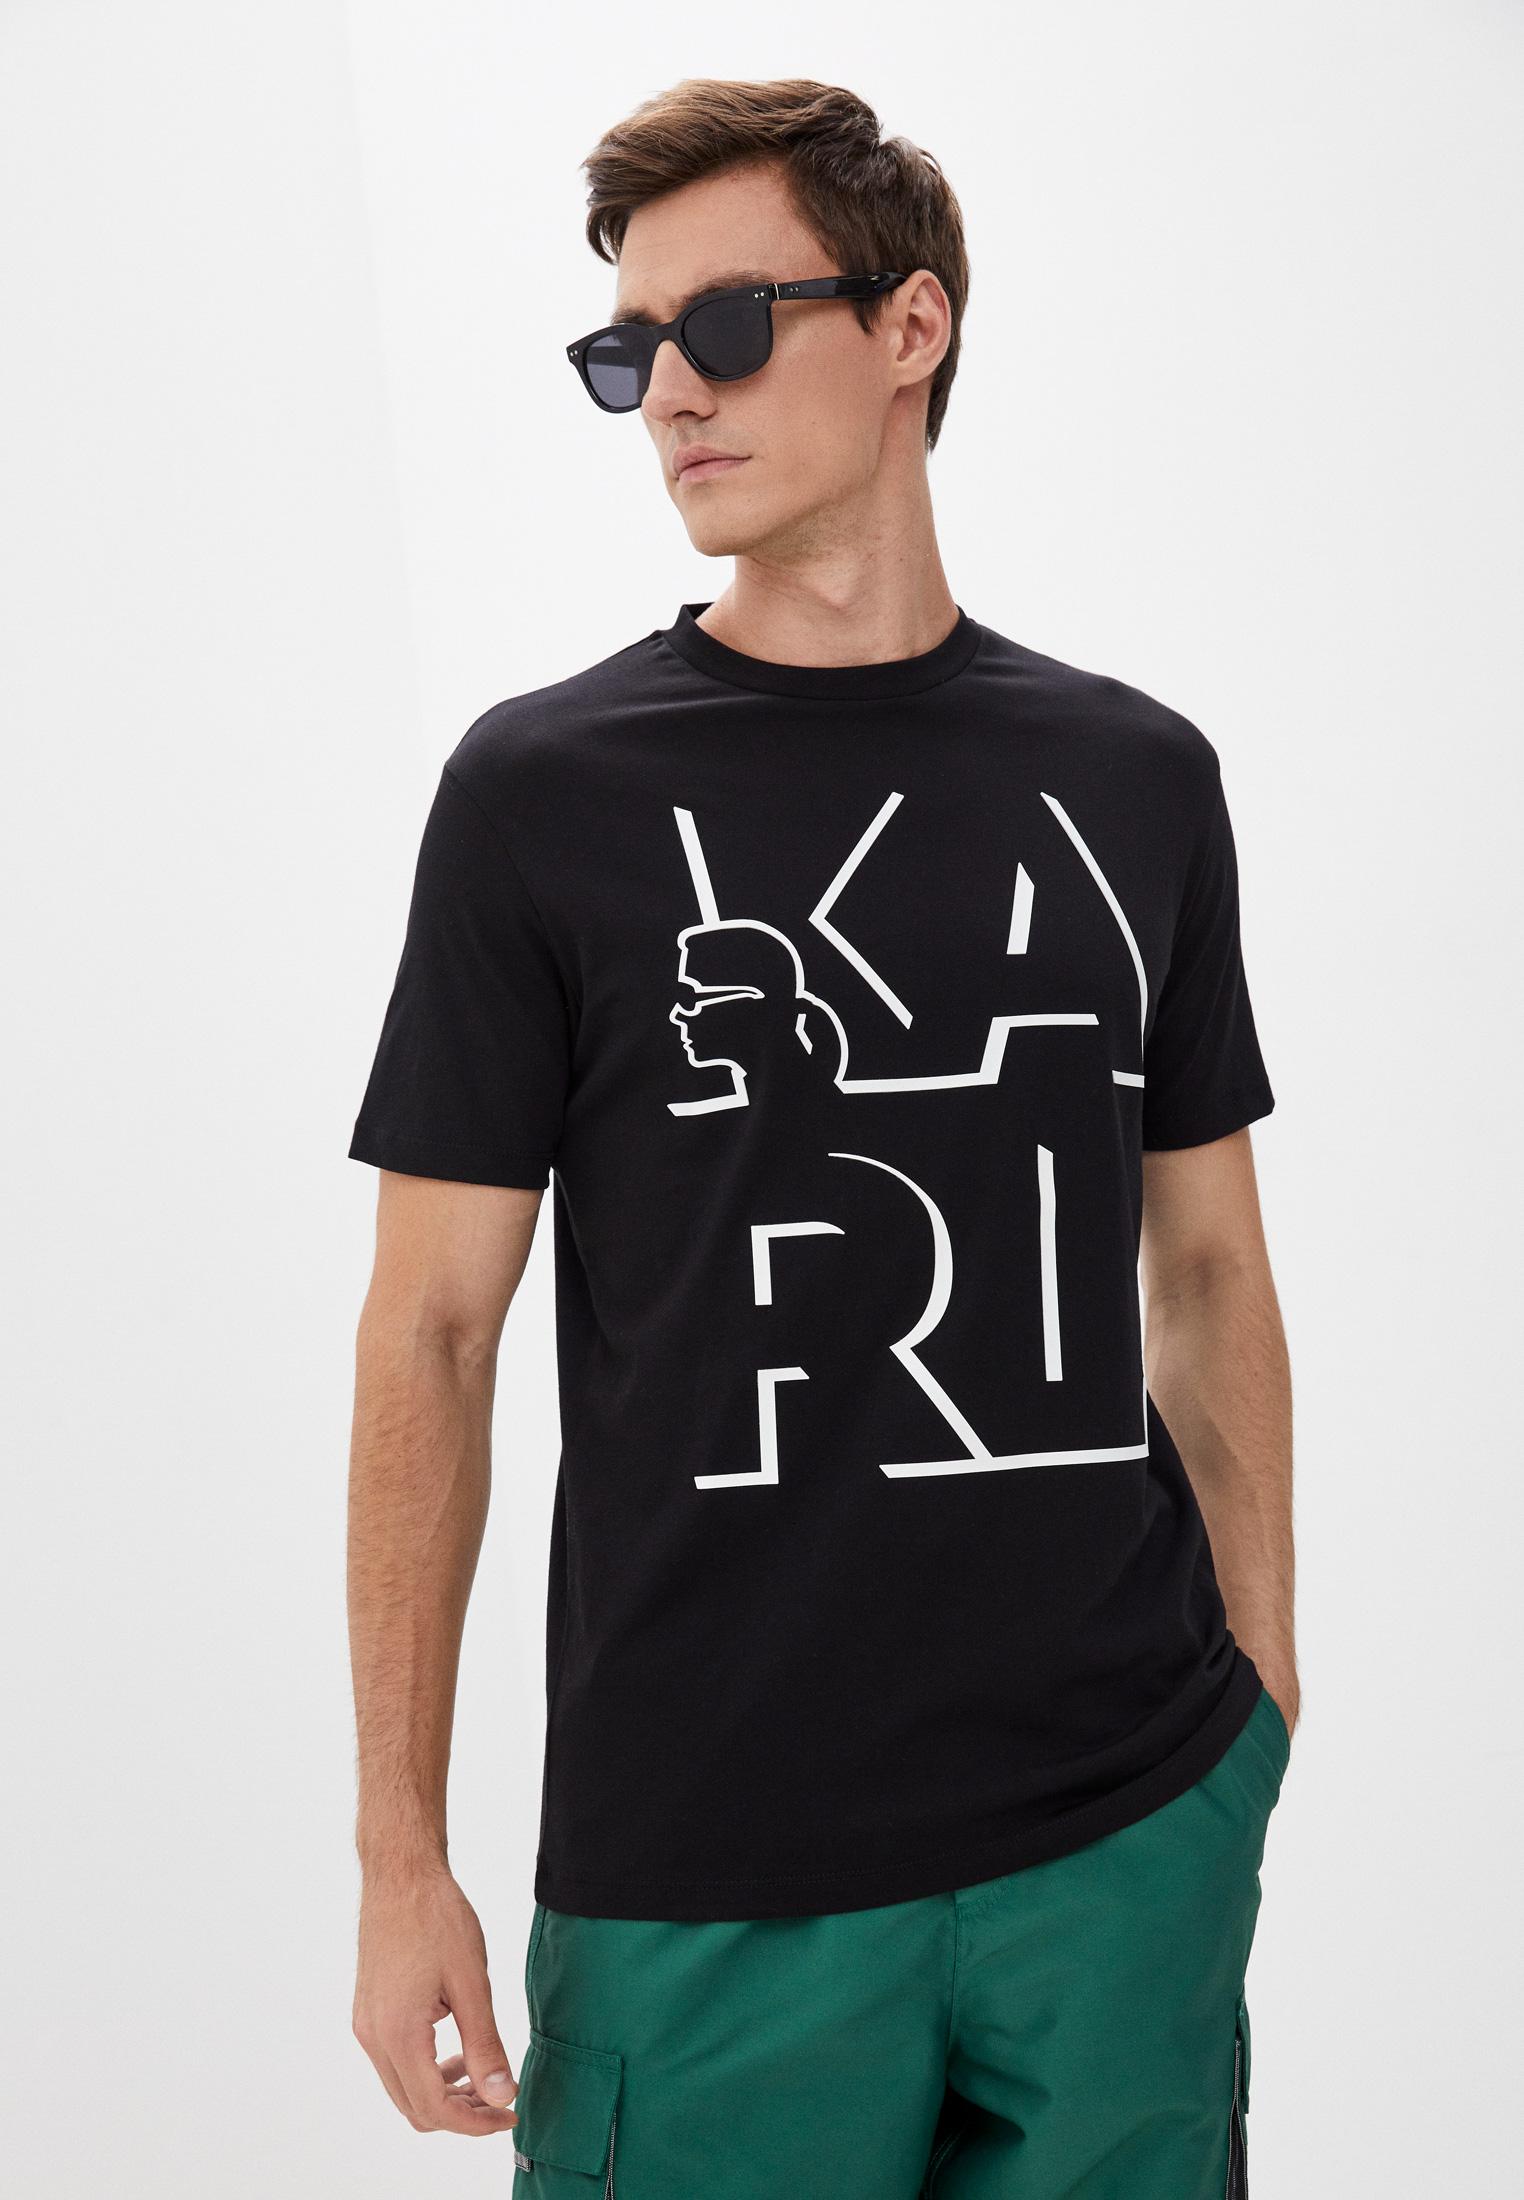 Мужская футболка Karl Lagerfeld (Карл Лагерфельд) 512224-755100